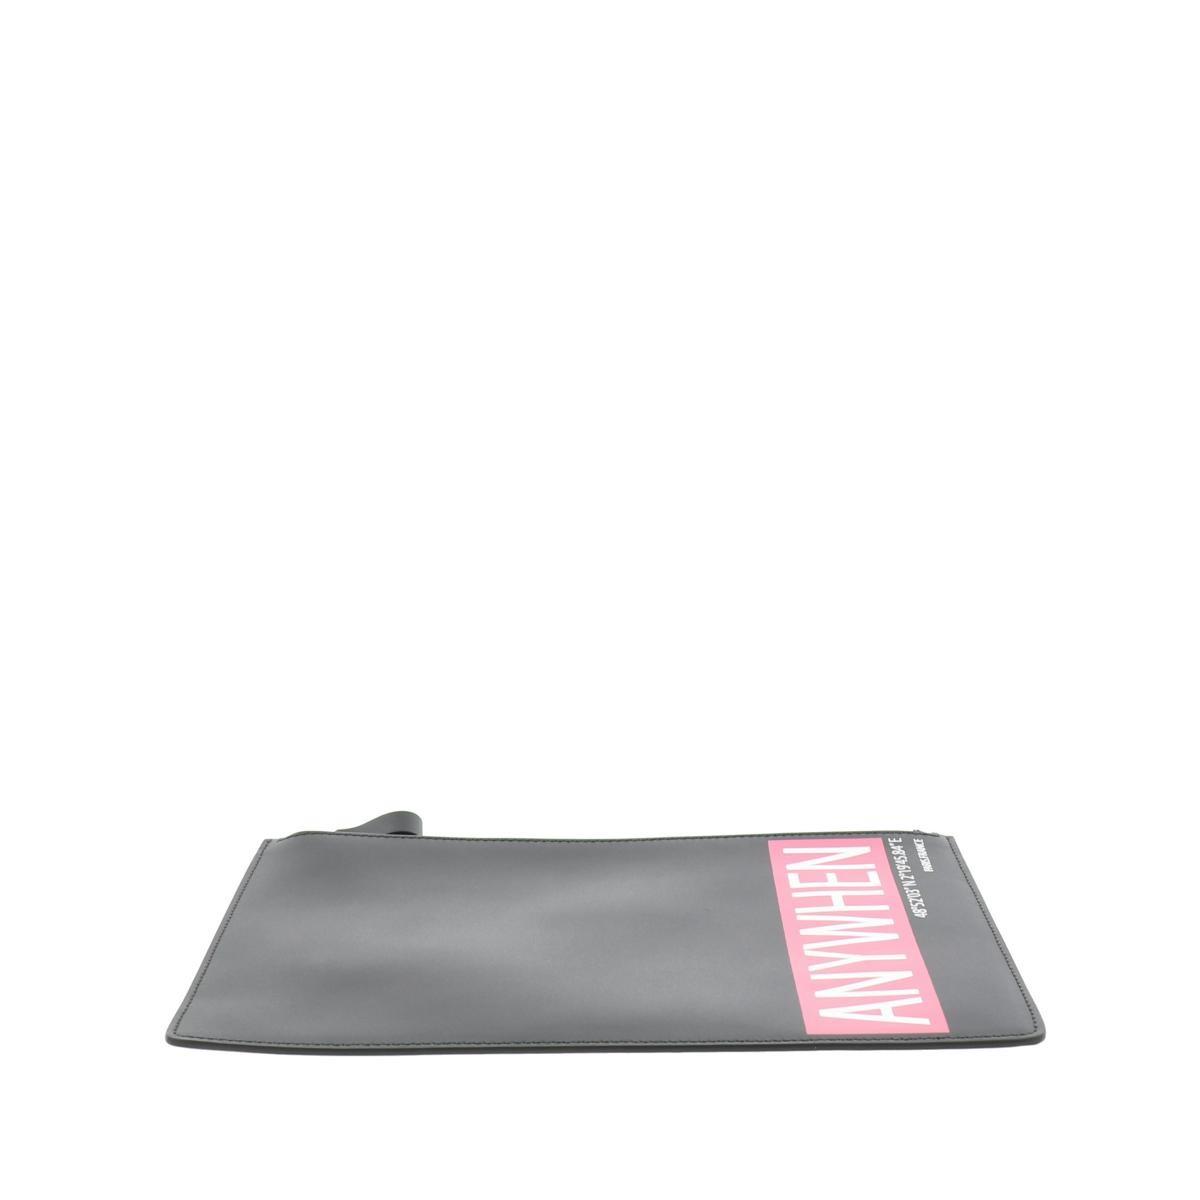 【お値下げ品】【中古】 VALENTINO (ヴァレンティノ) ANYWHEN クラッチバッグ バッグ セカンドバッグ/ポーチ/クラッチ  Black/ブラック